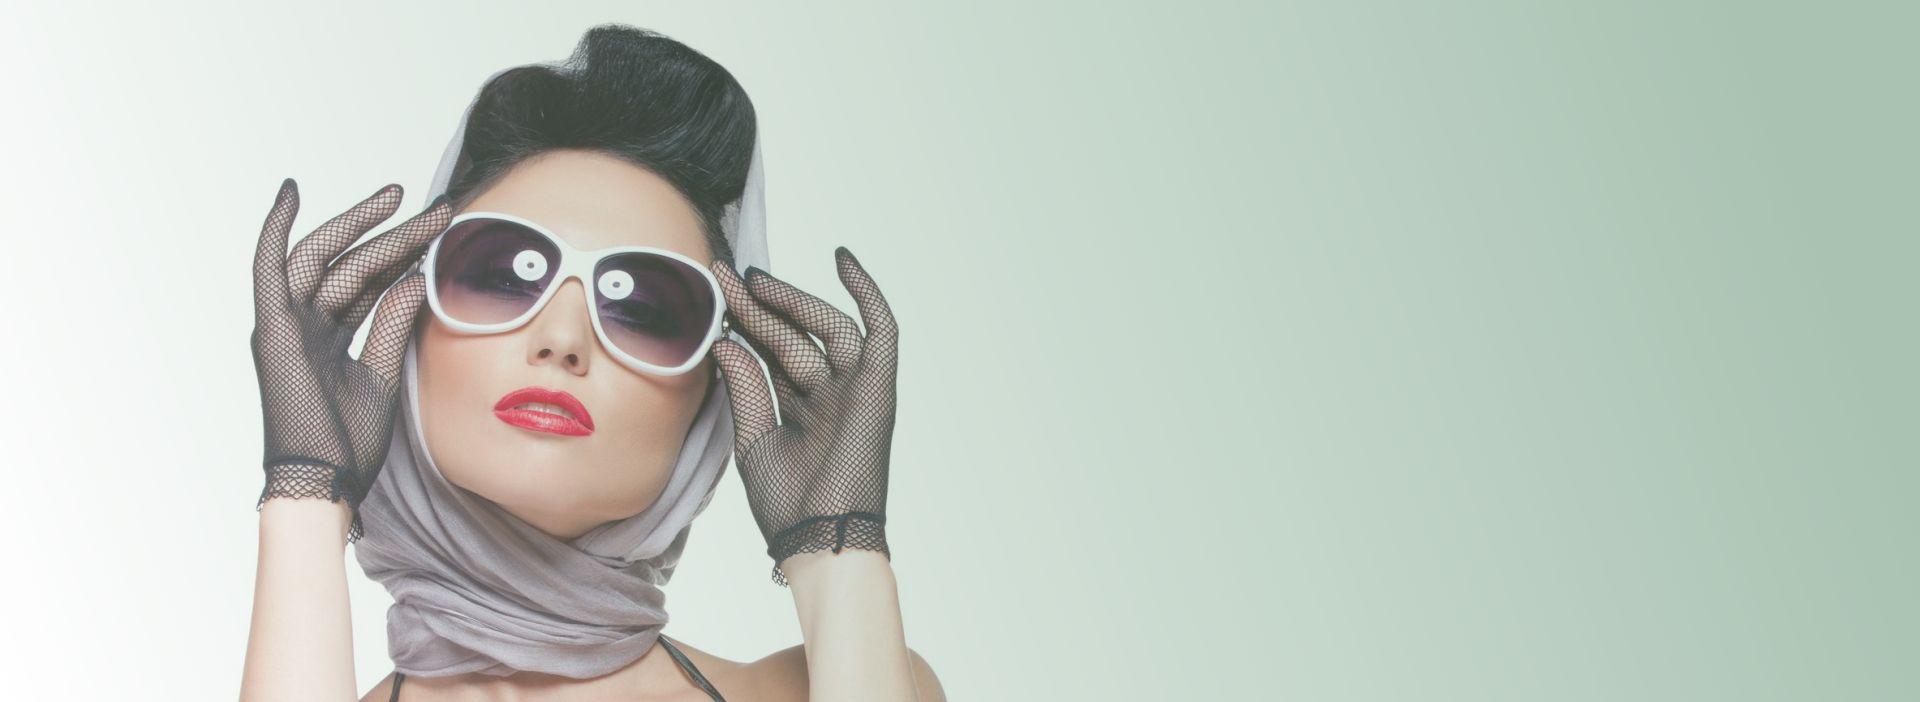 Bandeau Maquillage Permanent - L'Atelier 100% Elles